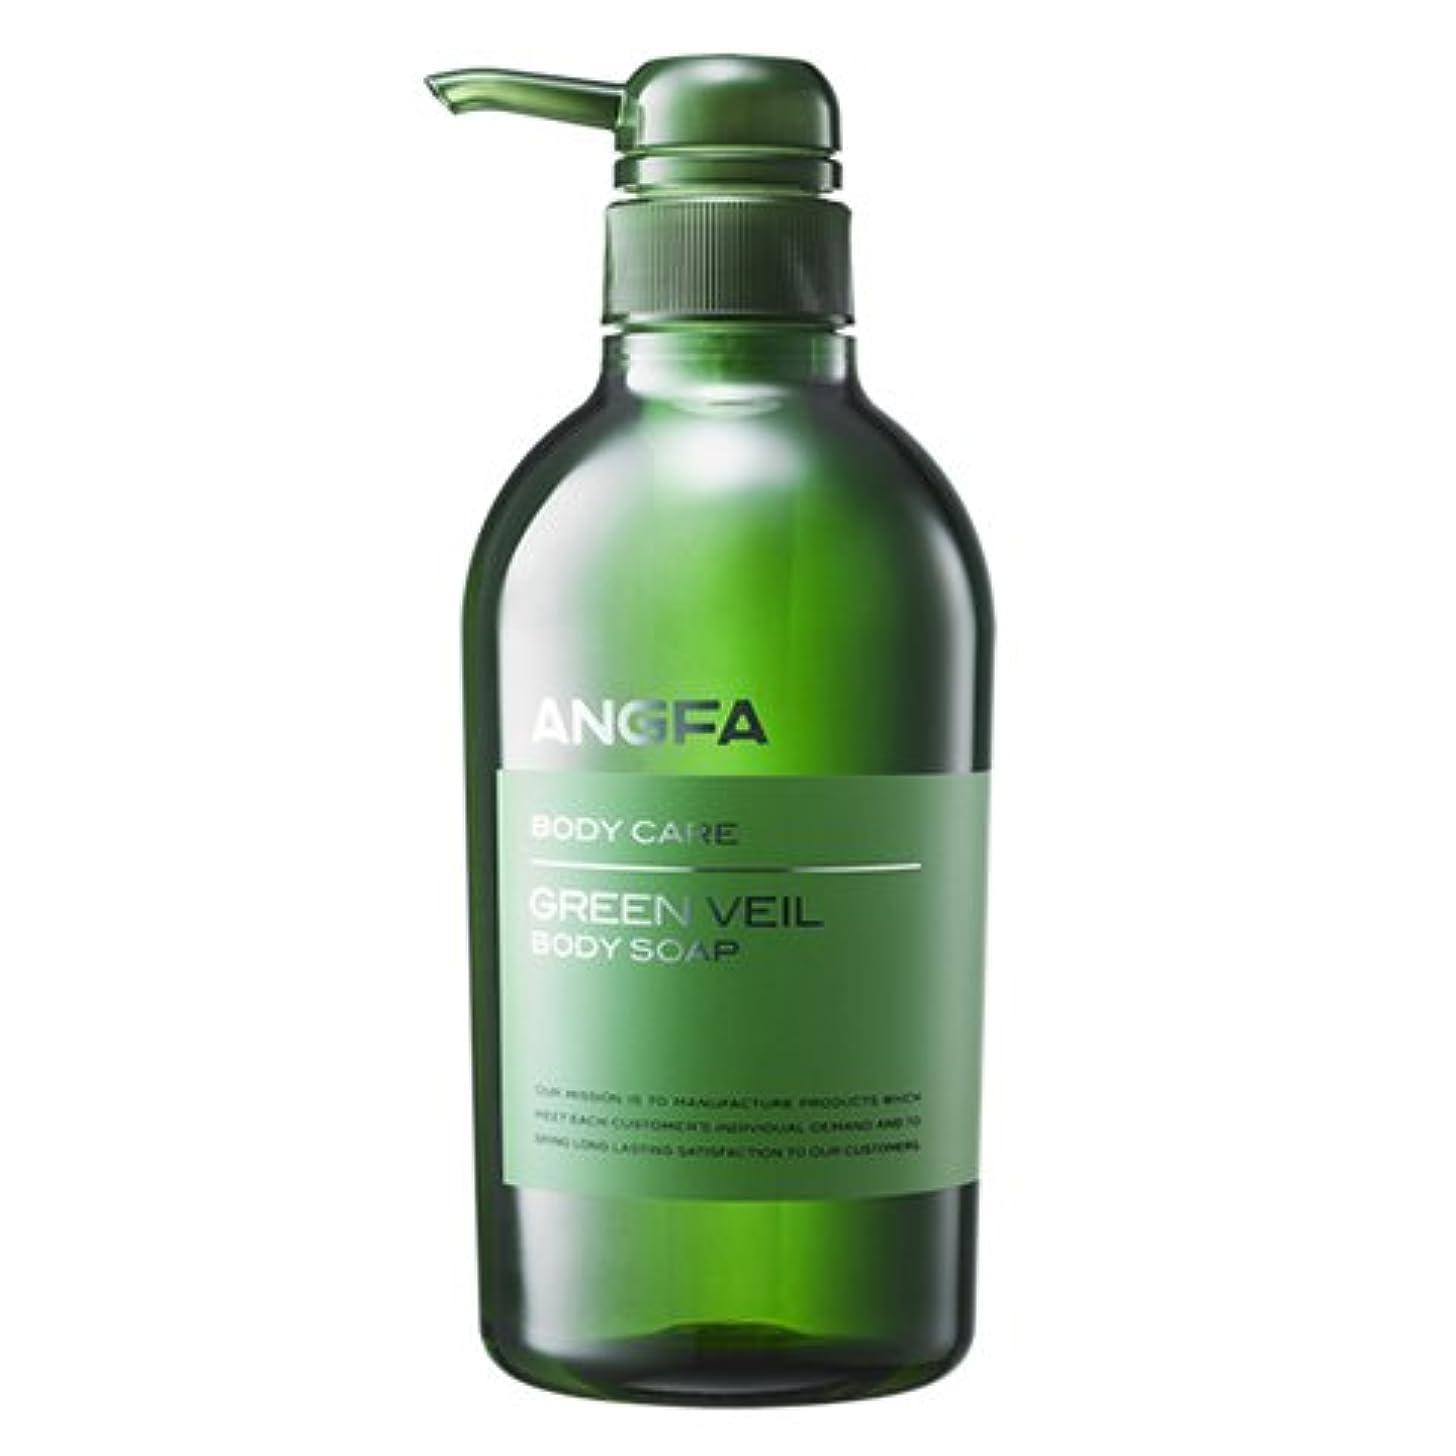 かわすセイはさておき現れるアンファー (ANGFA) グリーンベール 薬用ボディソープ 500ml グリーンフローラル [乾燥?保湿] かゆみ肌